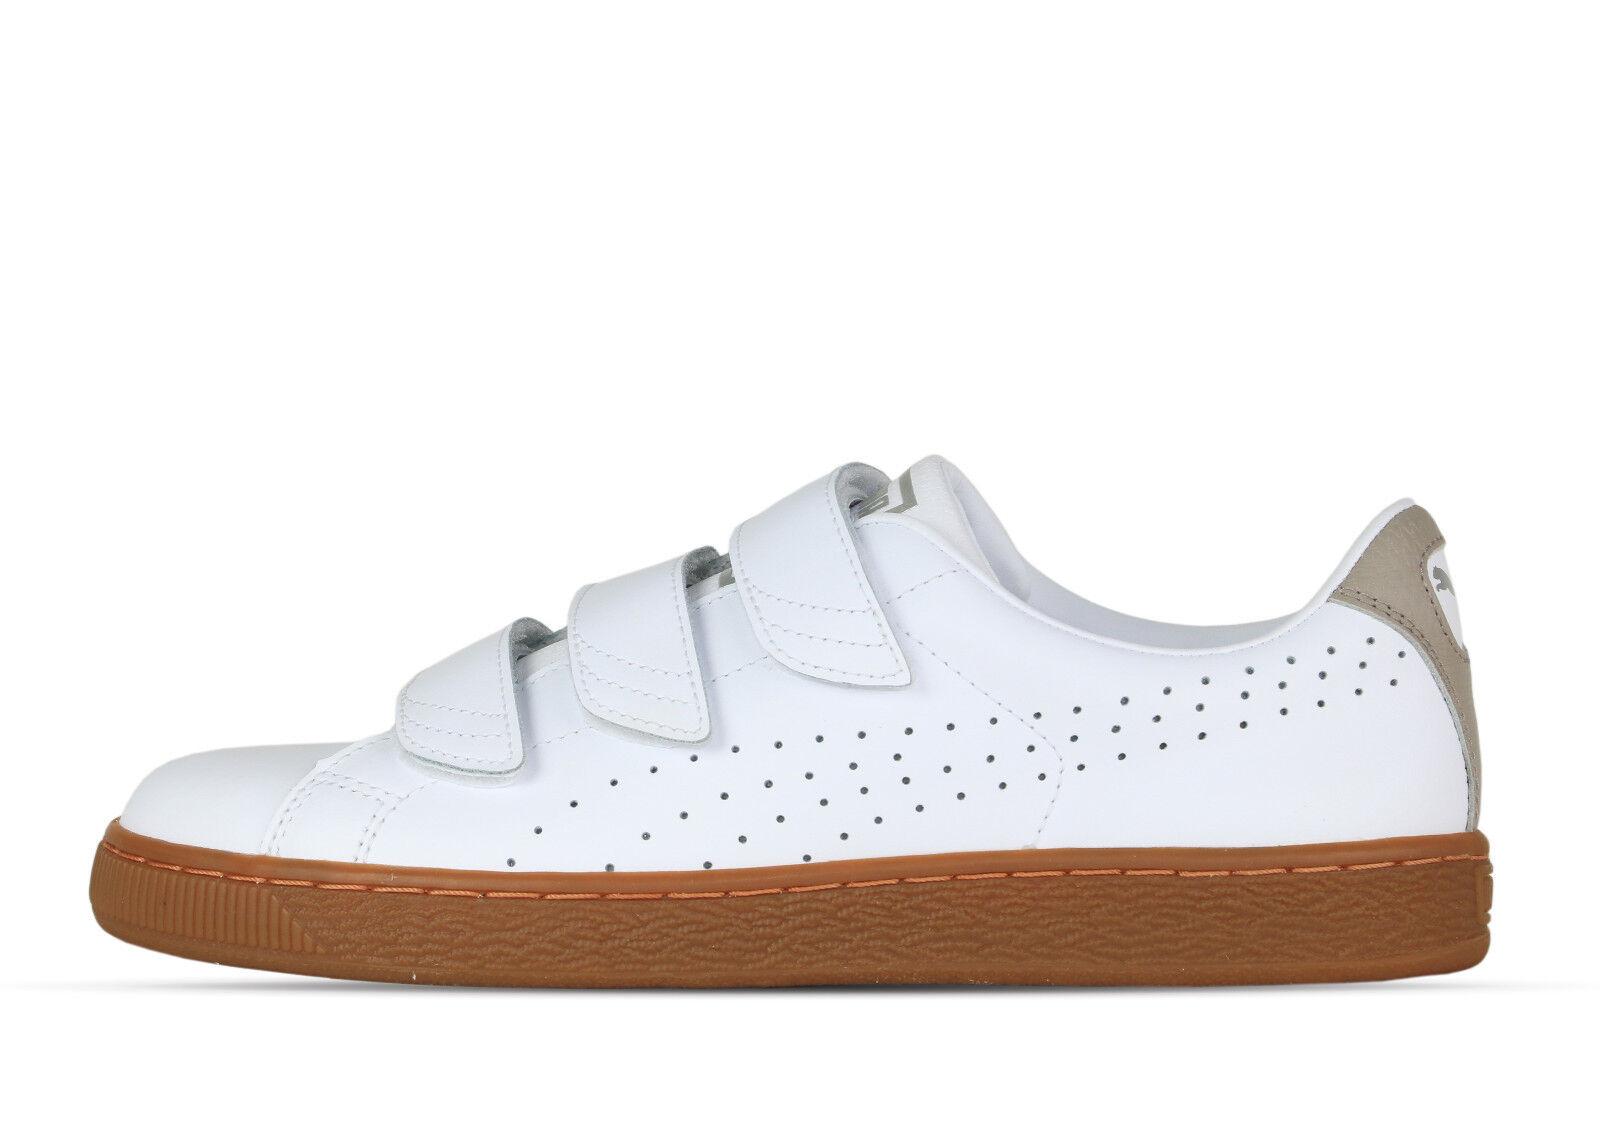 Puma Basket Classic Strap CITI WEISS - 362566 01 - Sneaker - WEISS Herren - weiß +Neu+ 2180d4